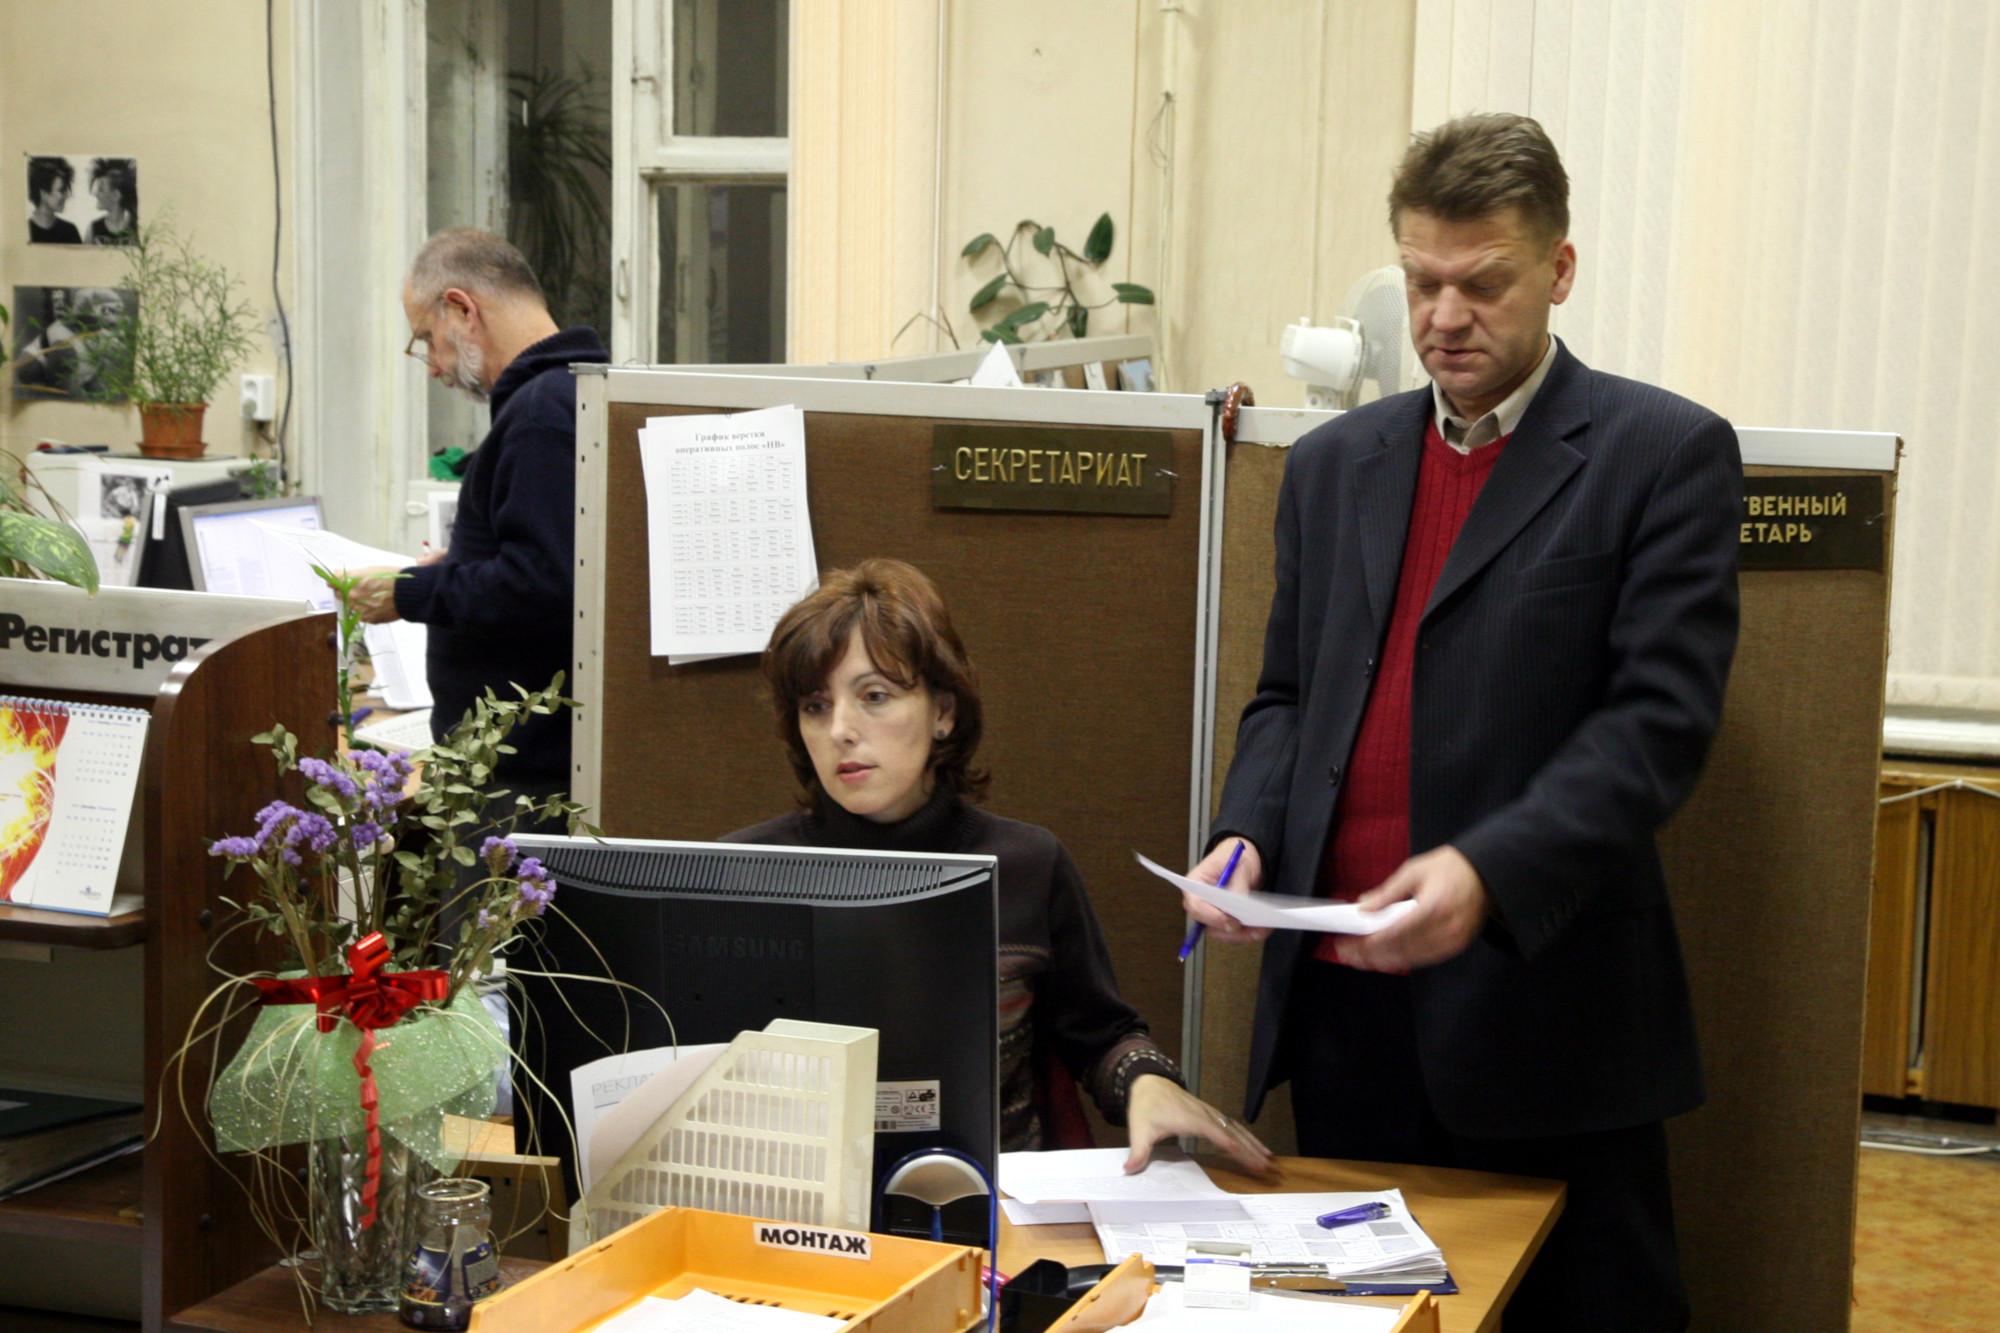 журналист Андрей Петров Невское Время секретариат вёрстка